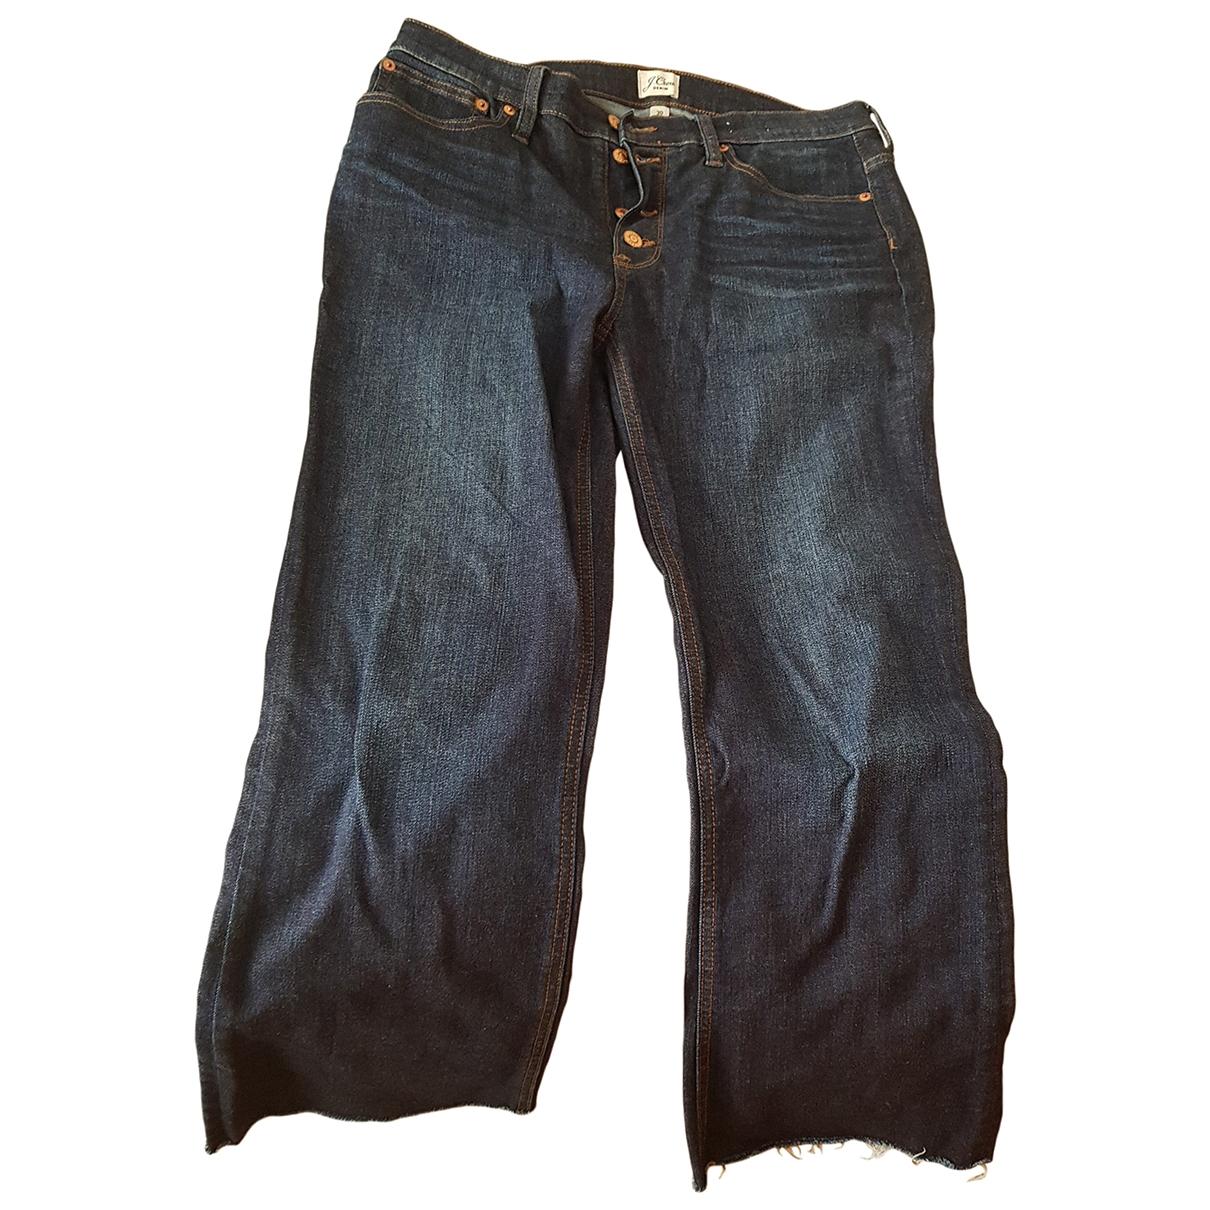 J.crew \N Navy Denim - Jeans Trousers for Women 42 FR